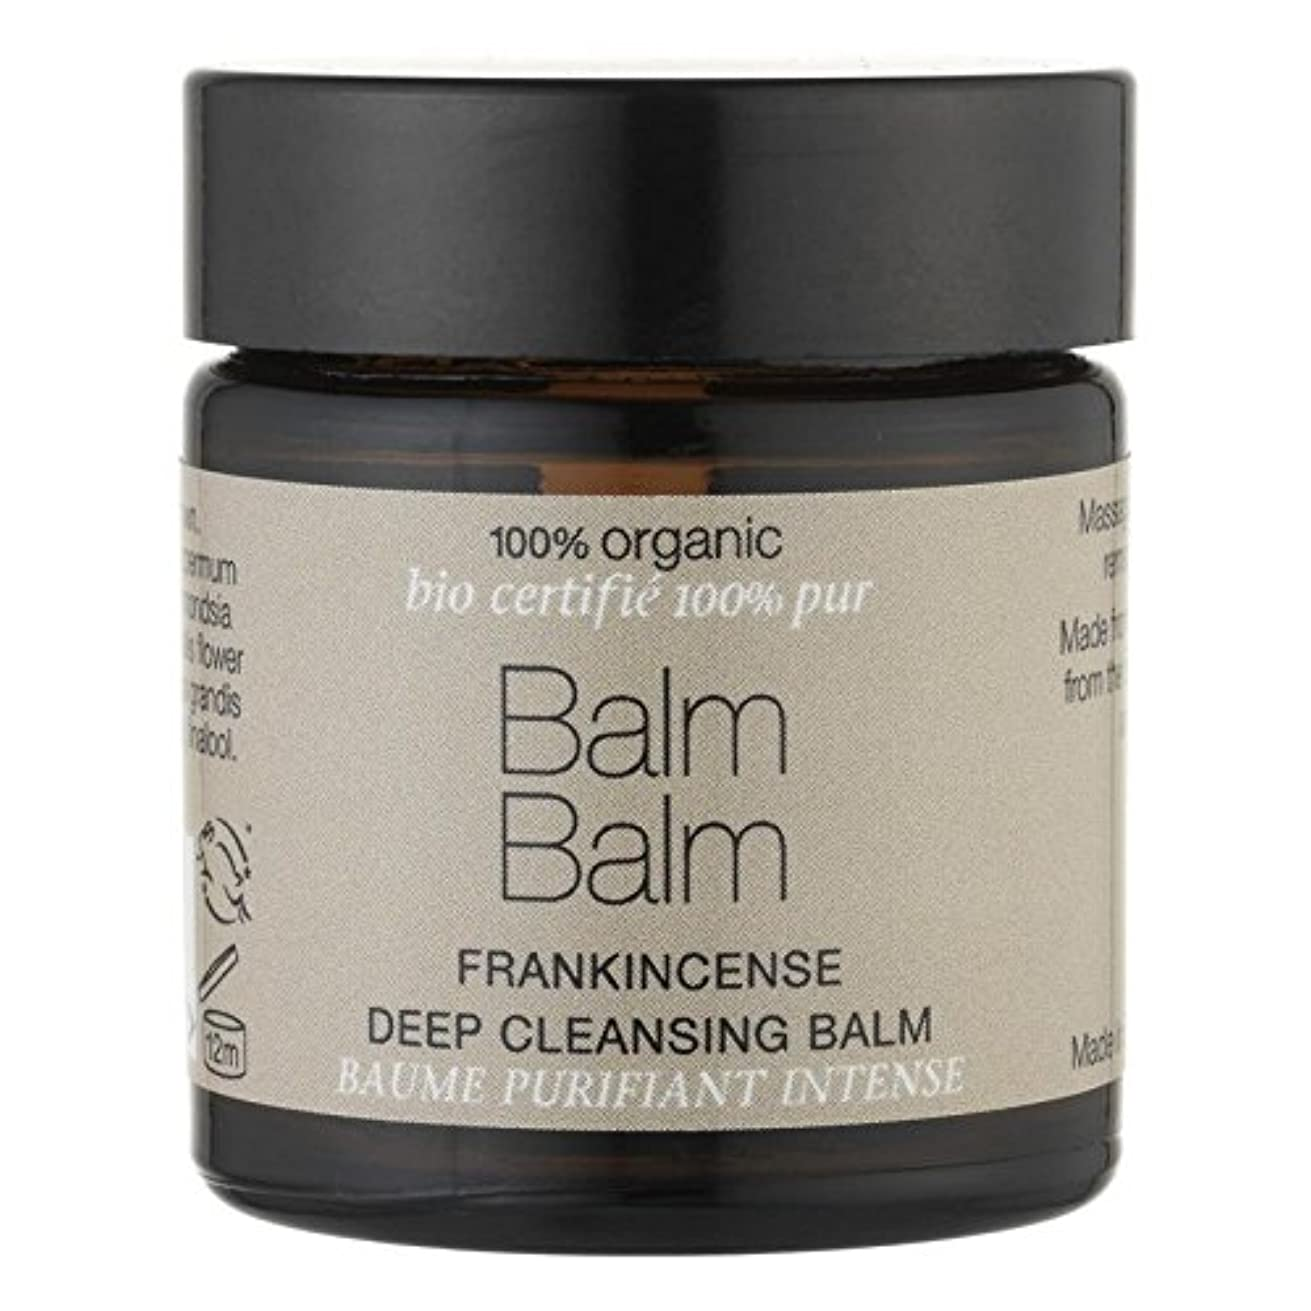 保存性別百科事典バームバーム乳香有機ディープクレンジングクリーム30ミリリットル x2 - Balm Balm Frankincense Organic Deep Cleansing Balm 30ml (Pack of 2) [並行輸入品]